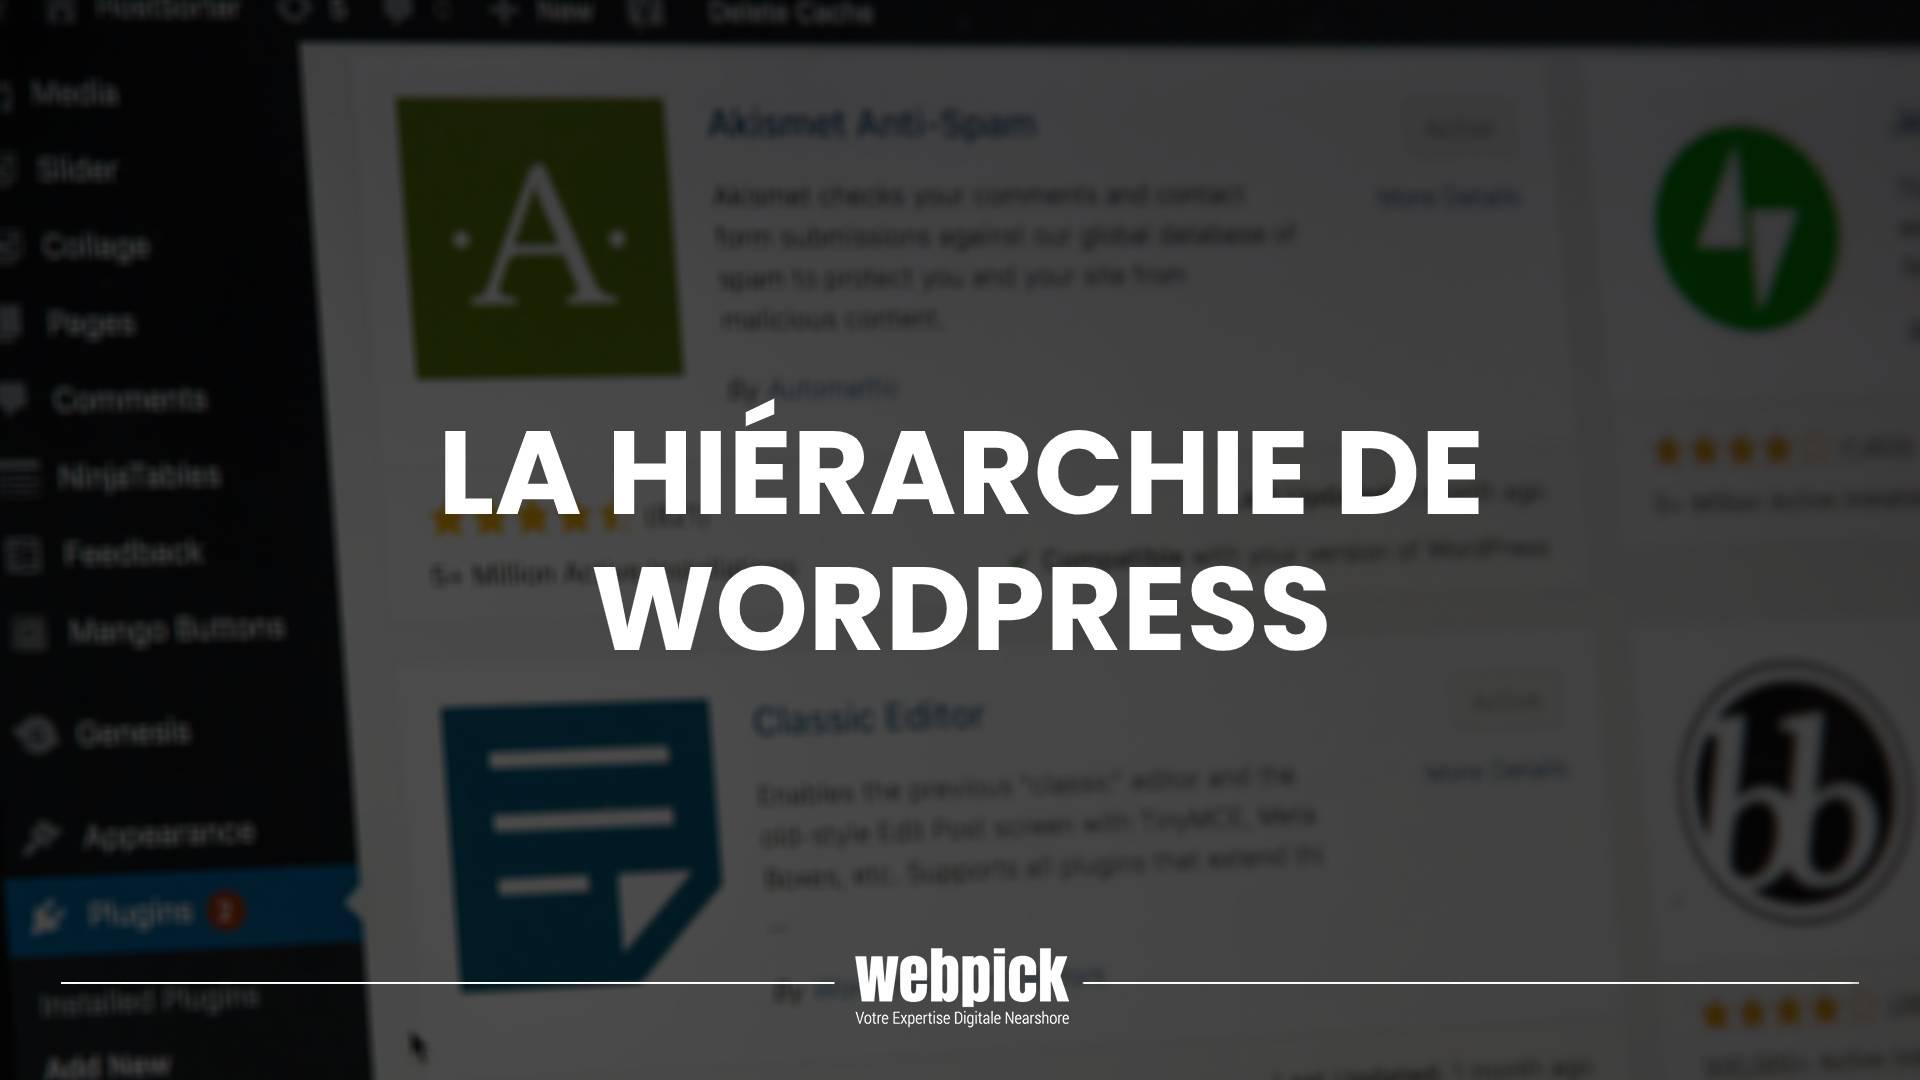 La Hiérarchie de WordPress